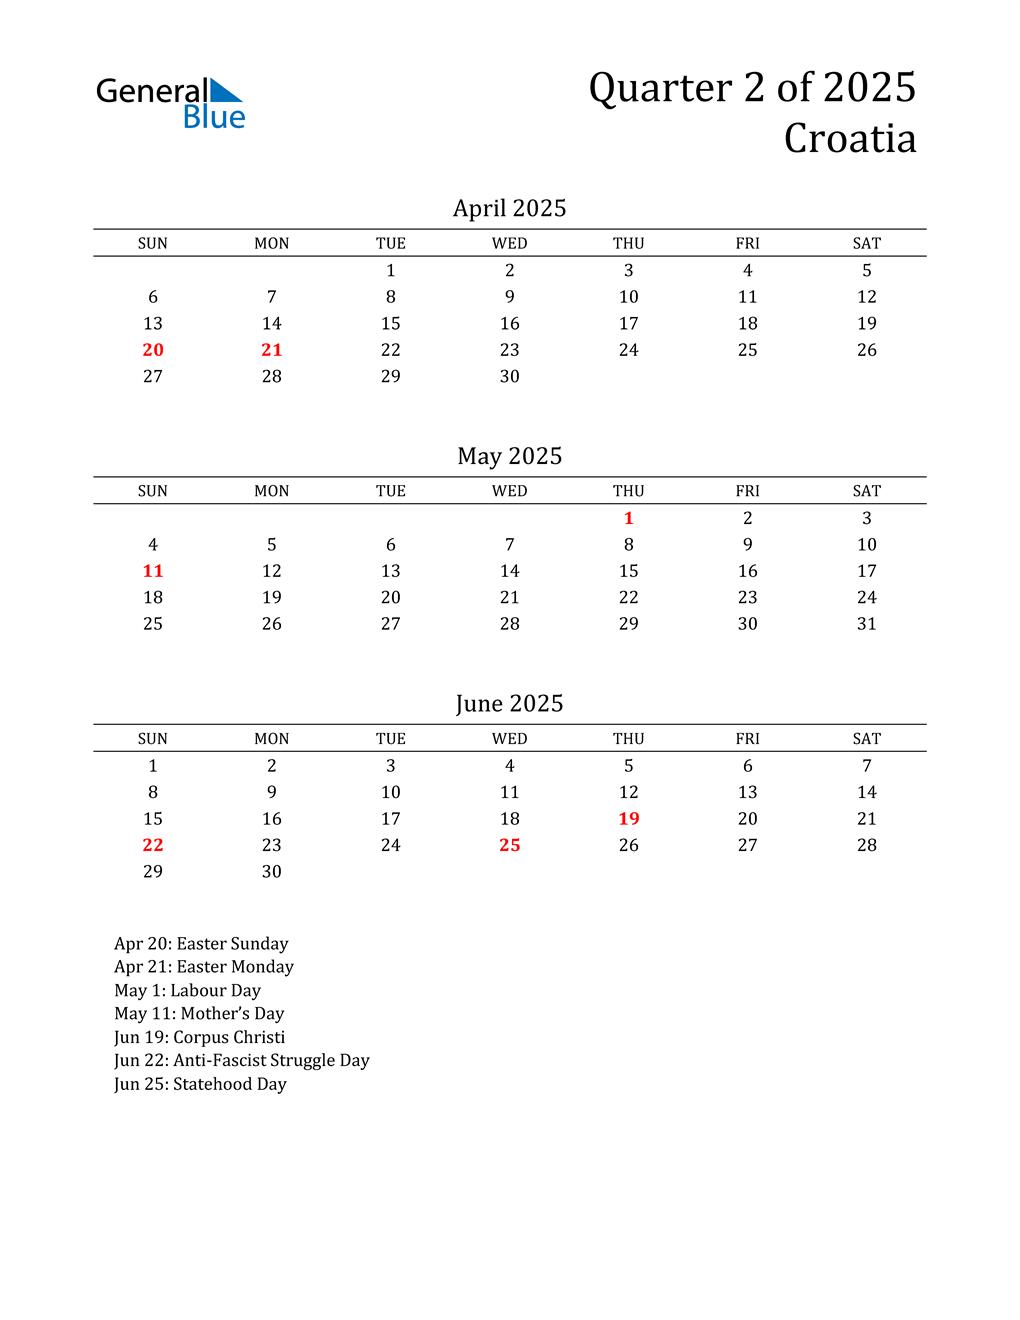 2025 Croatia Quarterly Calendar